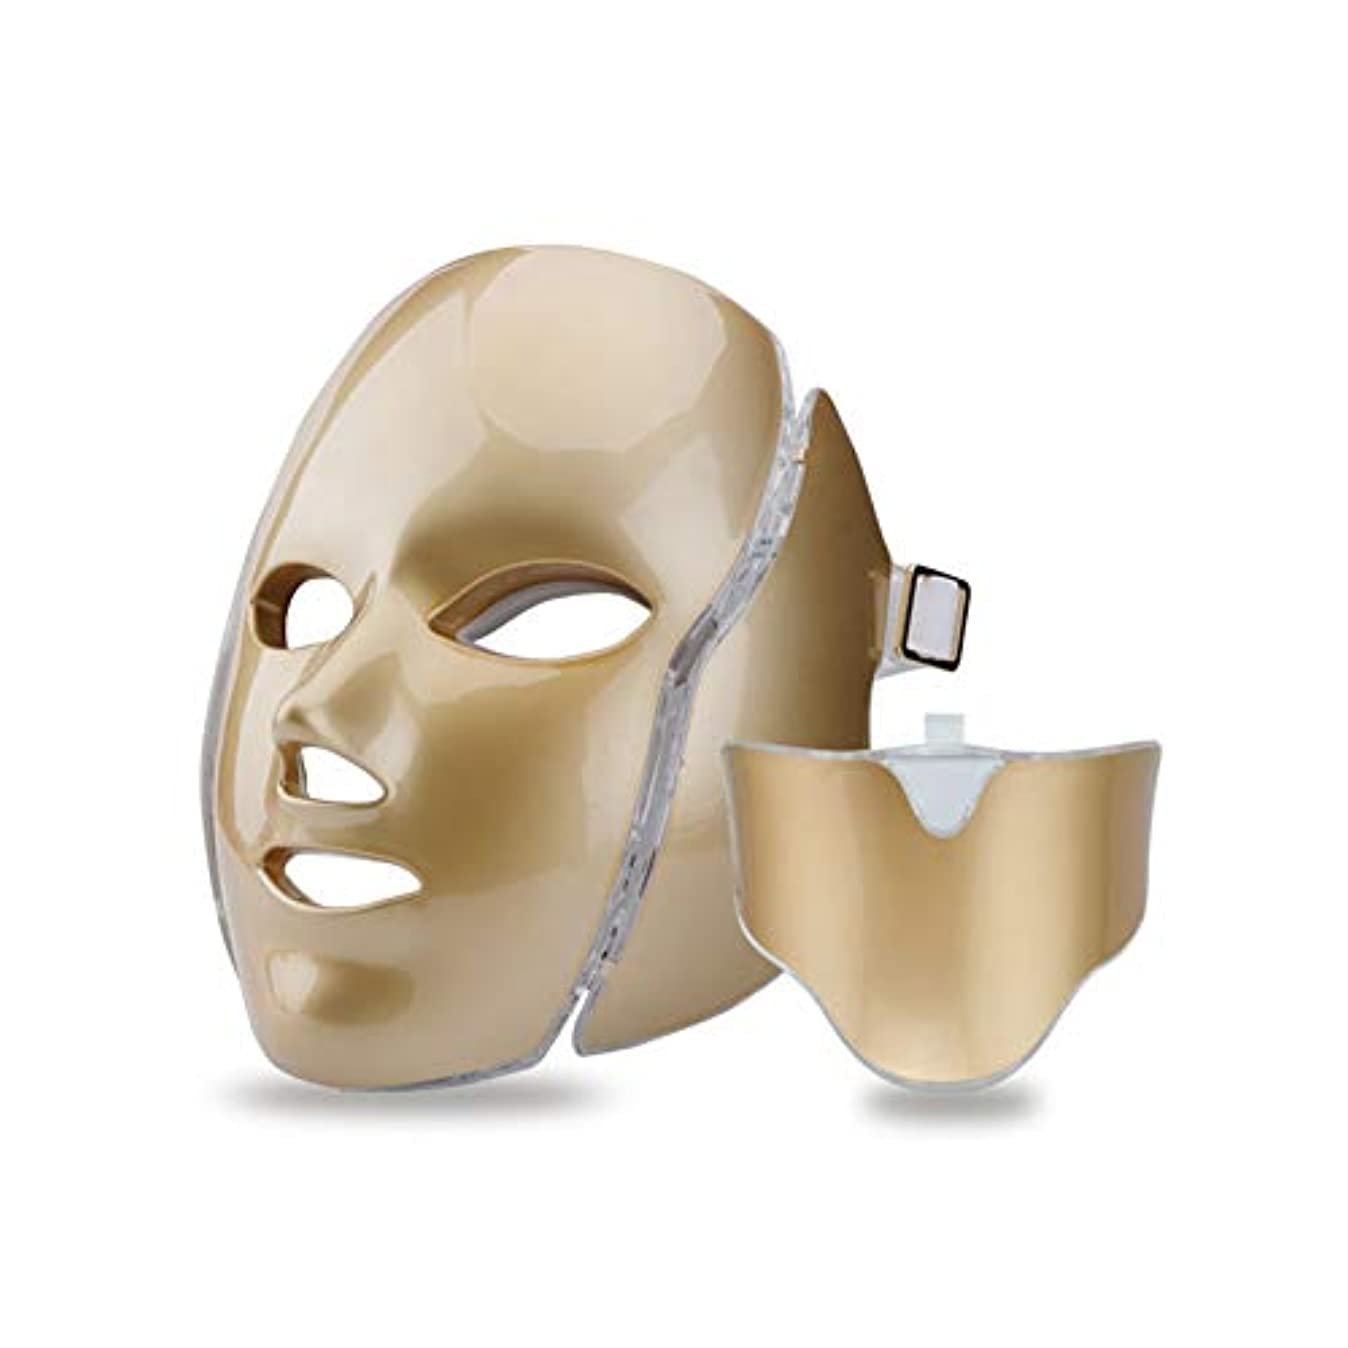 マウスノミネート起きる赤色光光子治療機7色ledマスク+首、肌の若返りニキビフェイシャルスパ美容機器,Gold